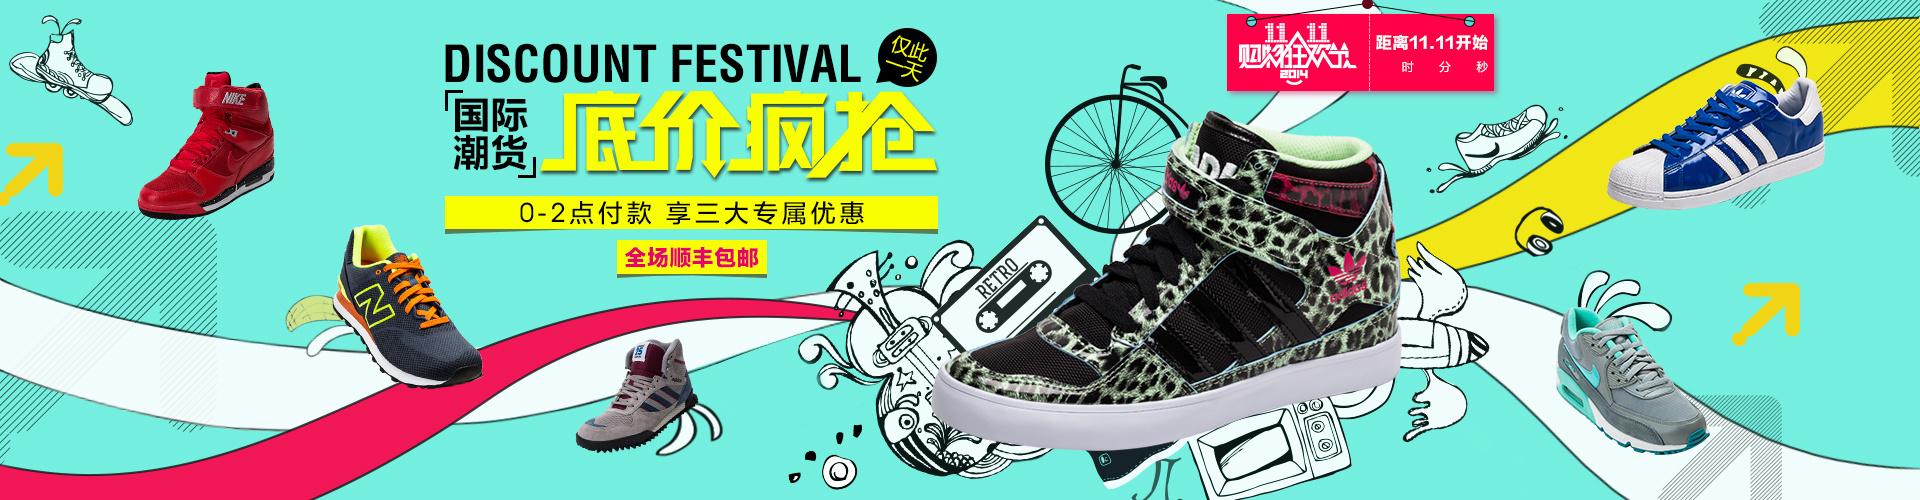 潮牌鞋子海报|网页|banner/广告图|suger1206 - 原创